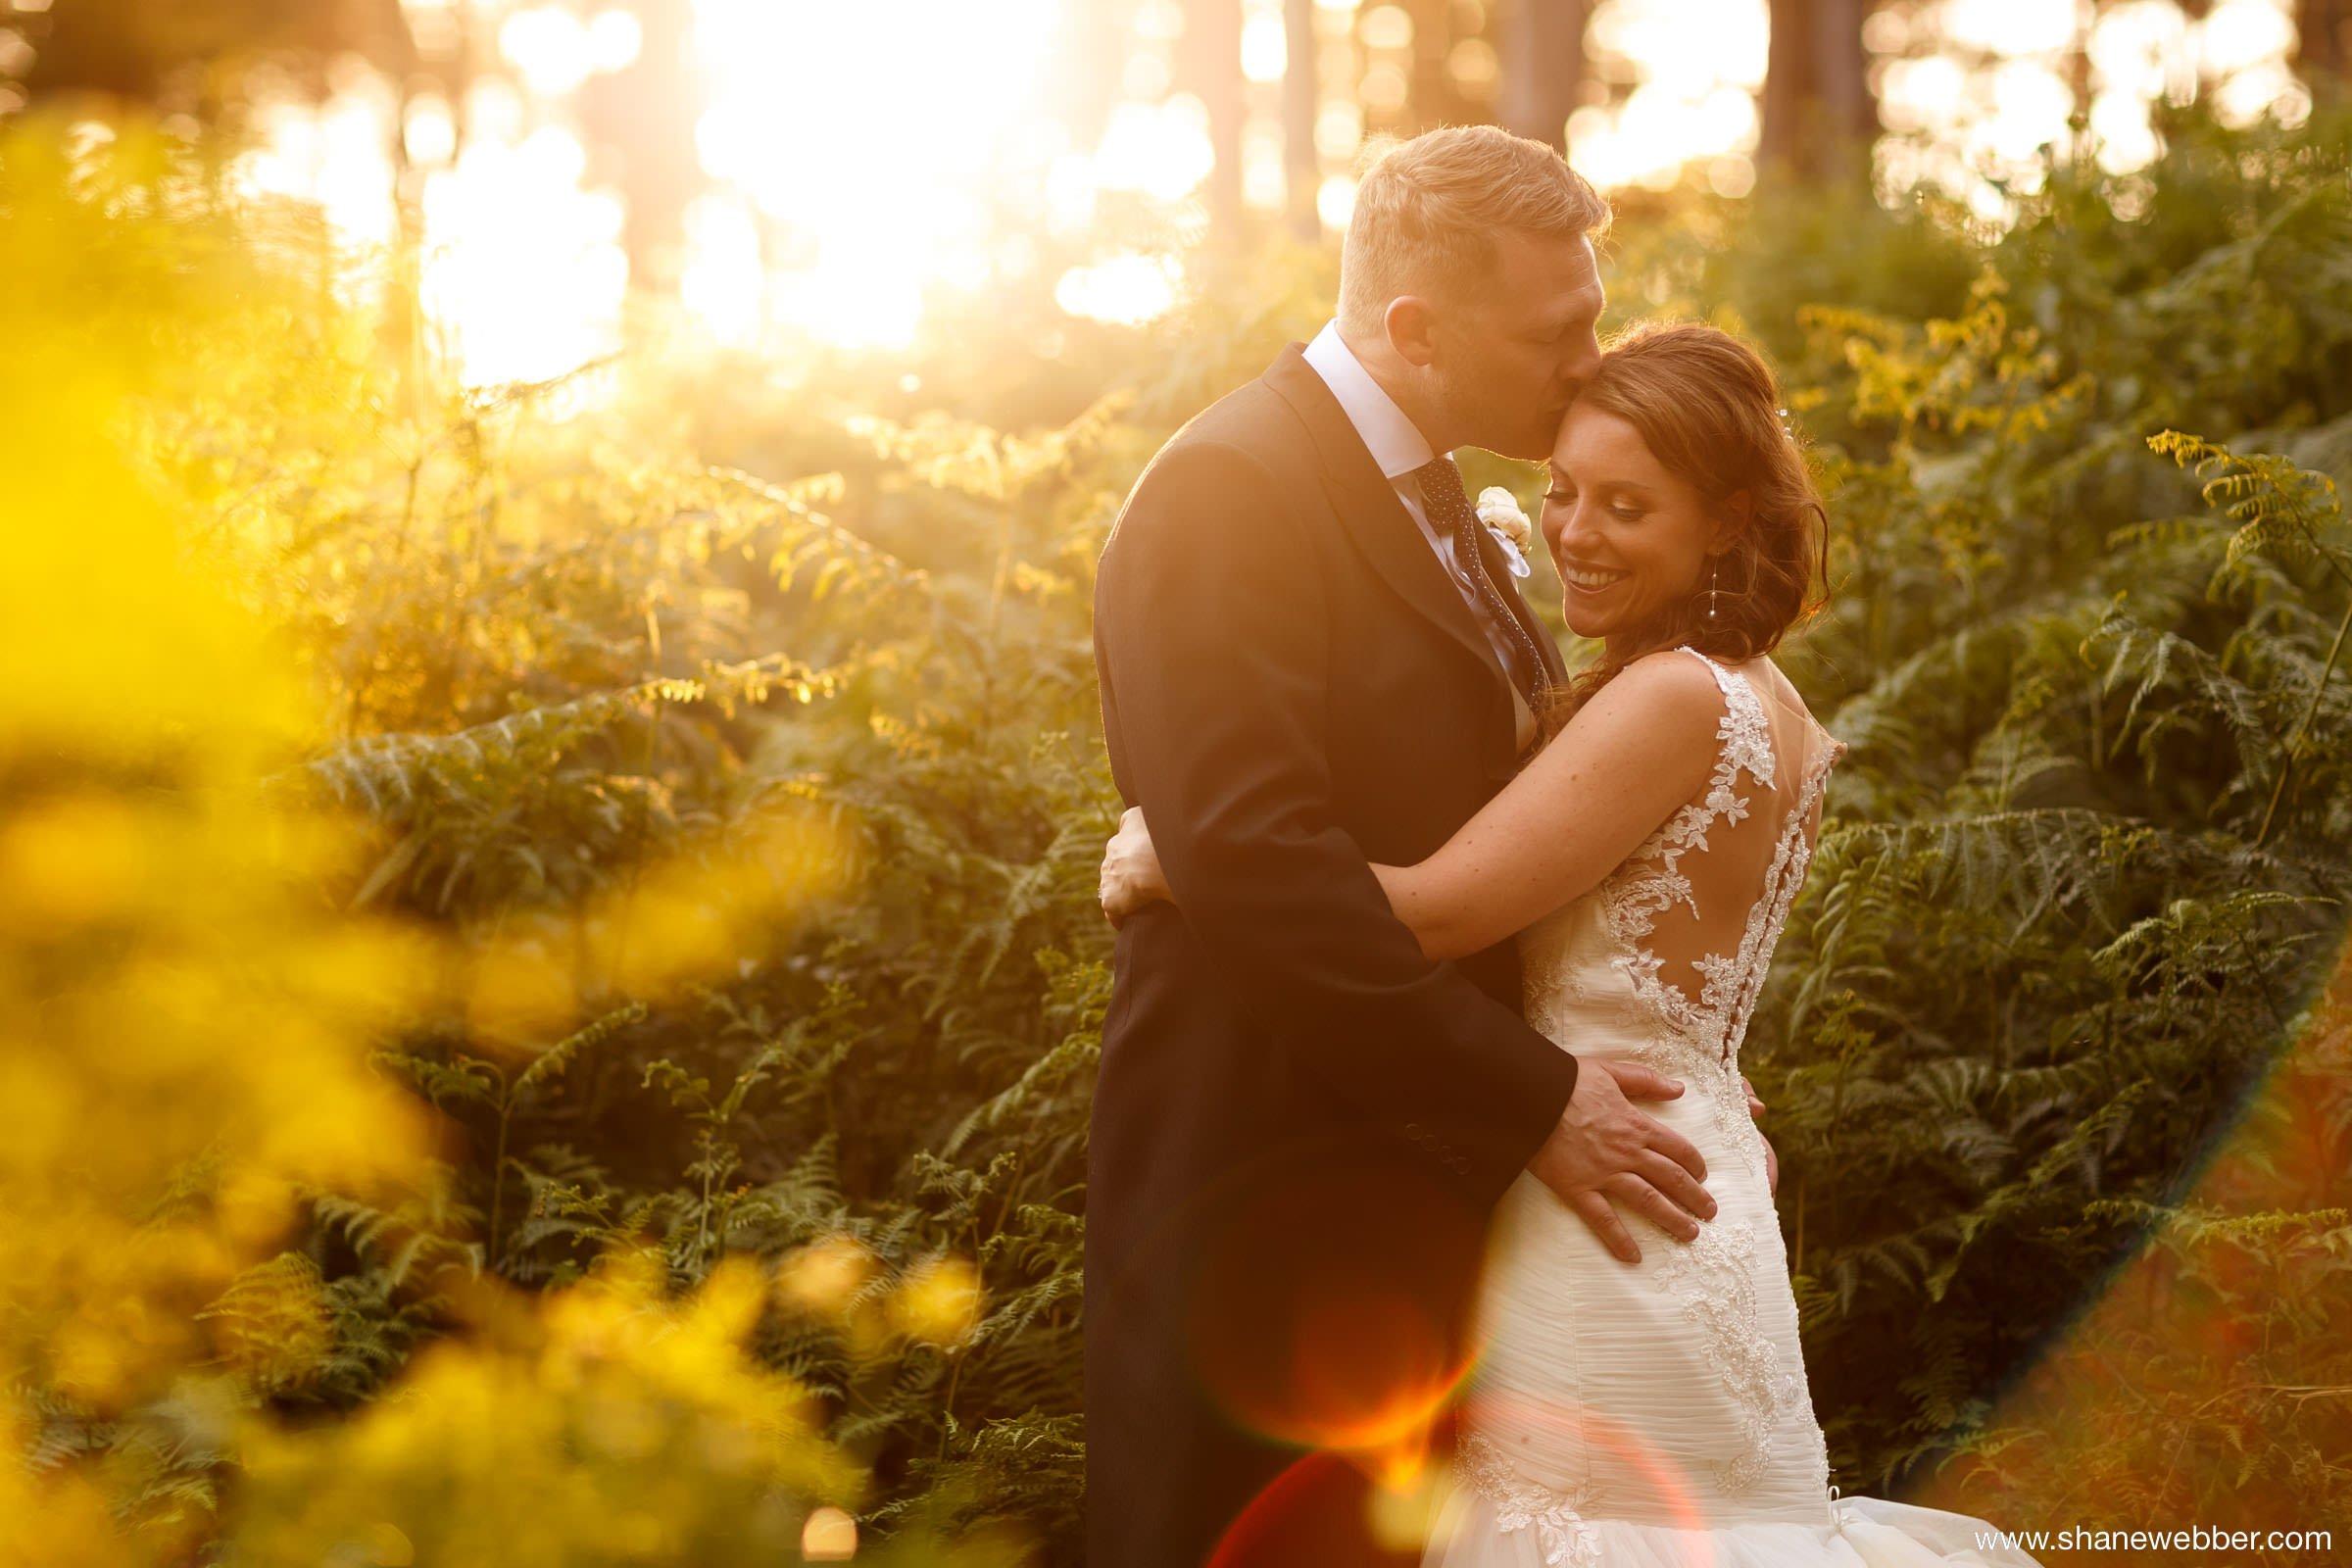 Amazing wedding photography in 2017